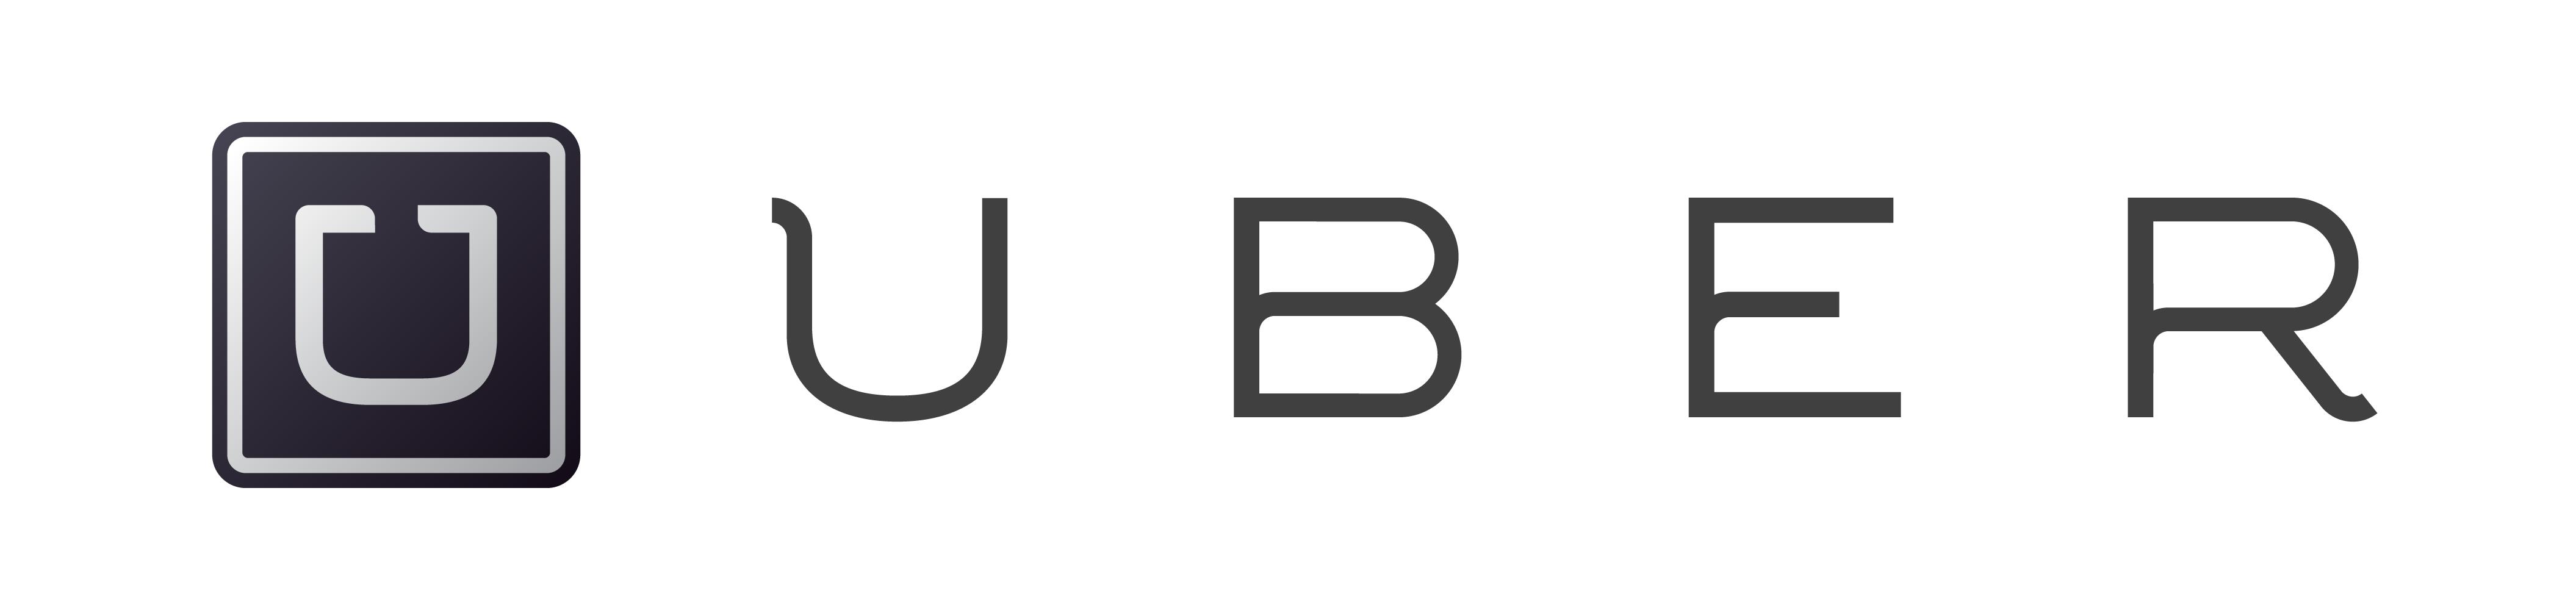 Alle 3 Uber kortingscodes geldig in mei 2019